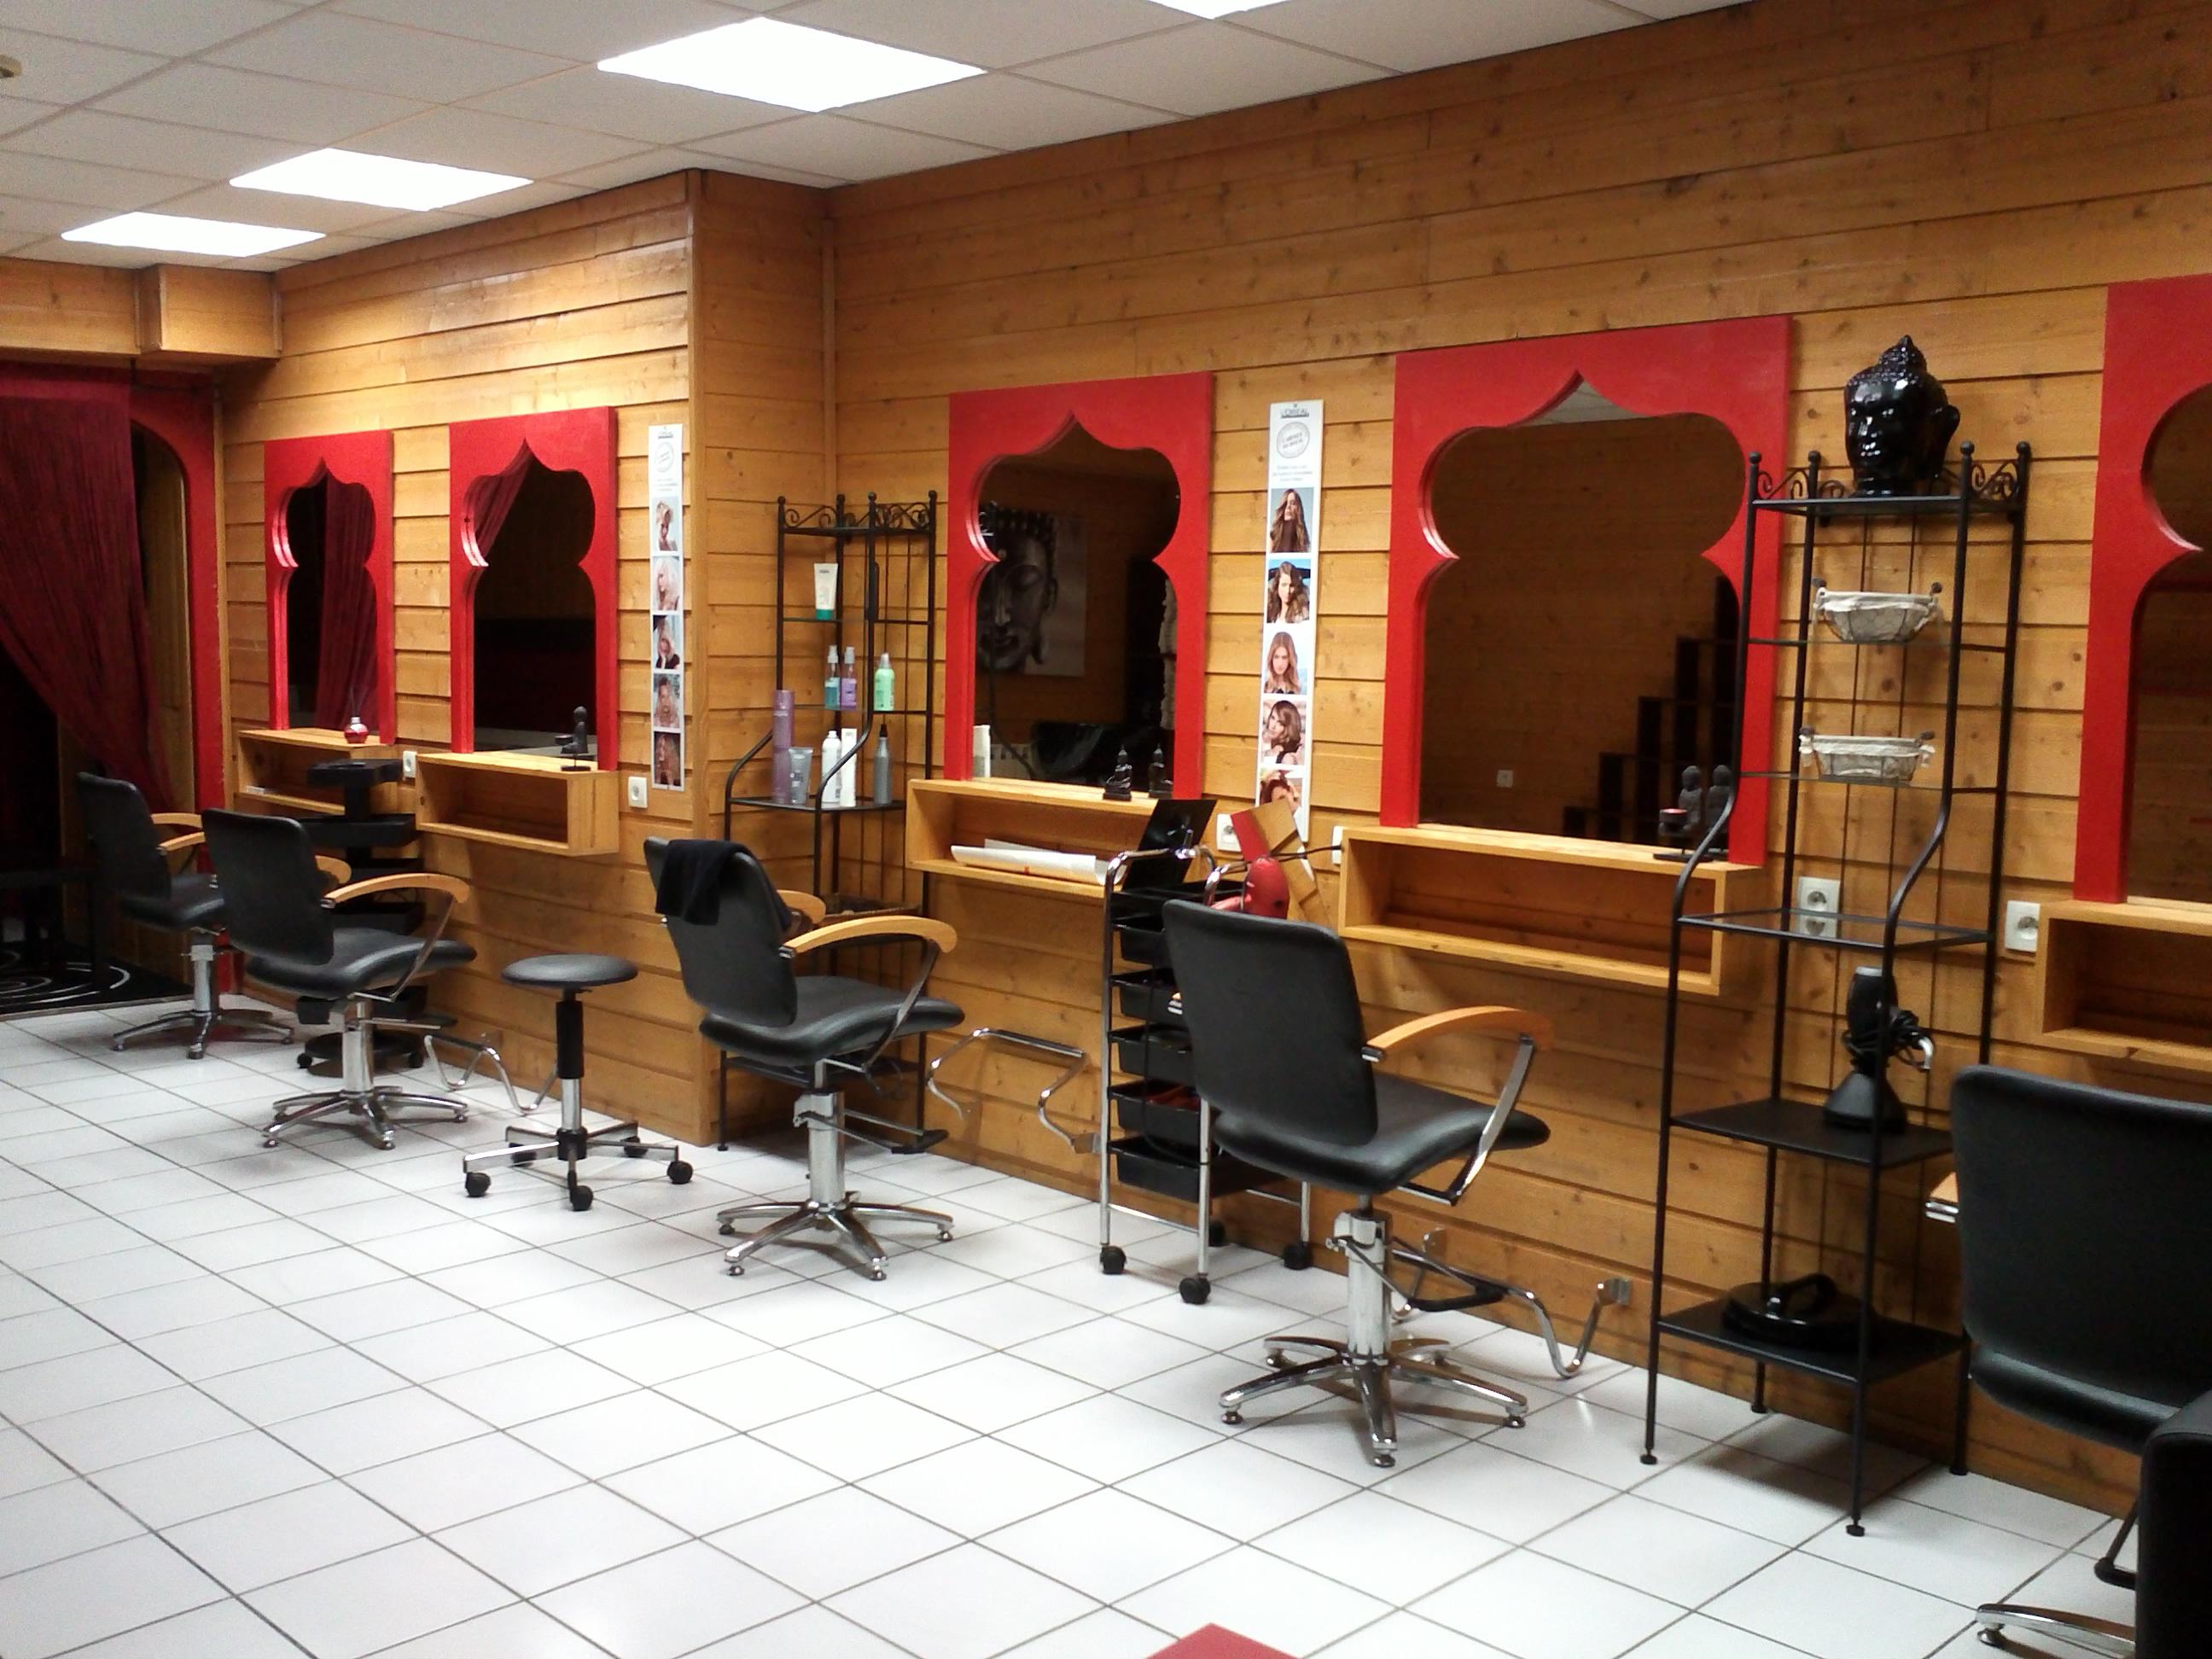 Salon de coiffure saraswatie nay avis tarifs horaires for Avis salon de coiffure